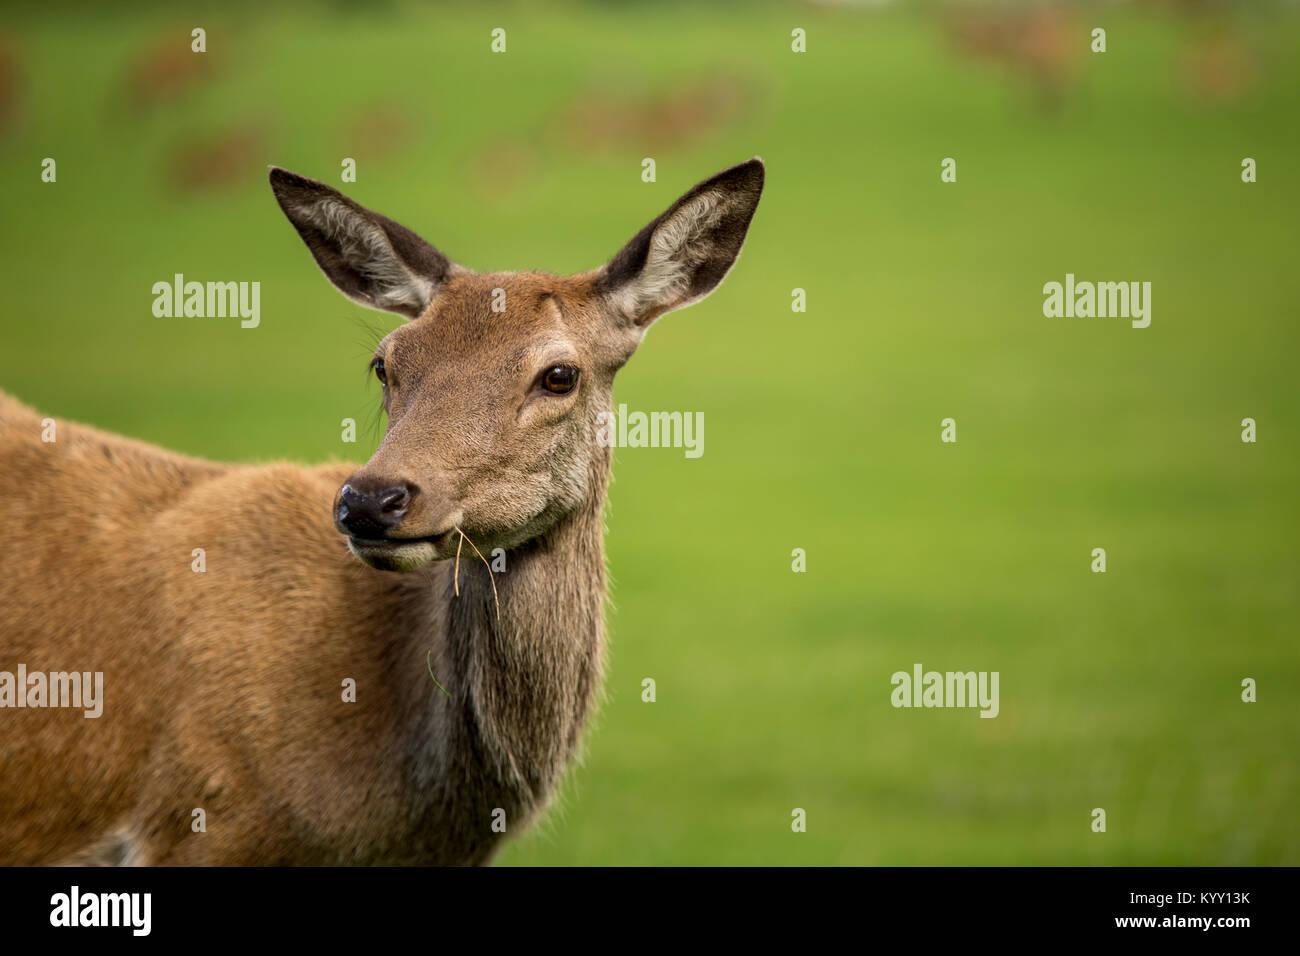 Close-up of deer sur le terrain Photo Stock